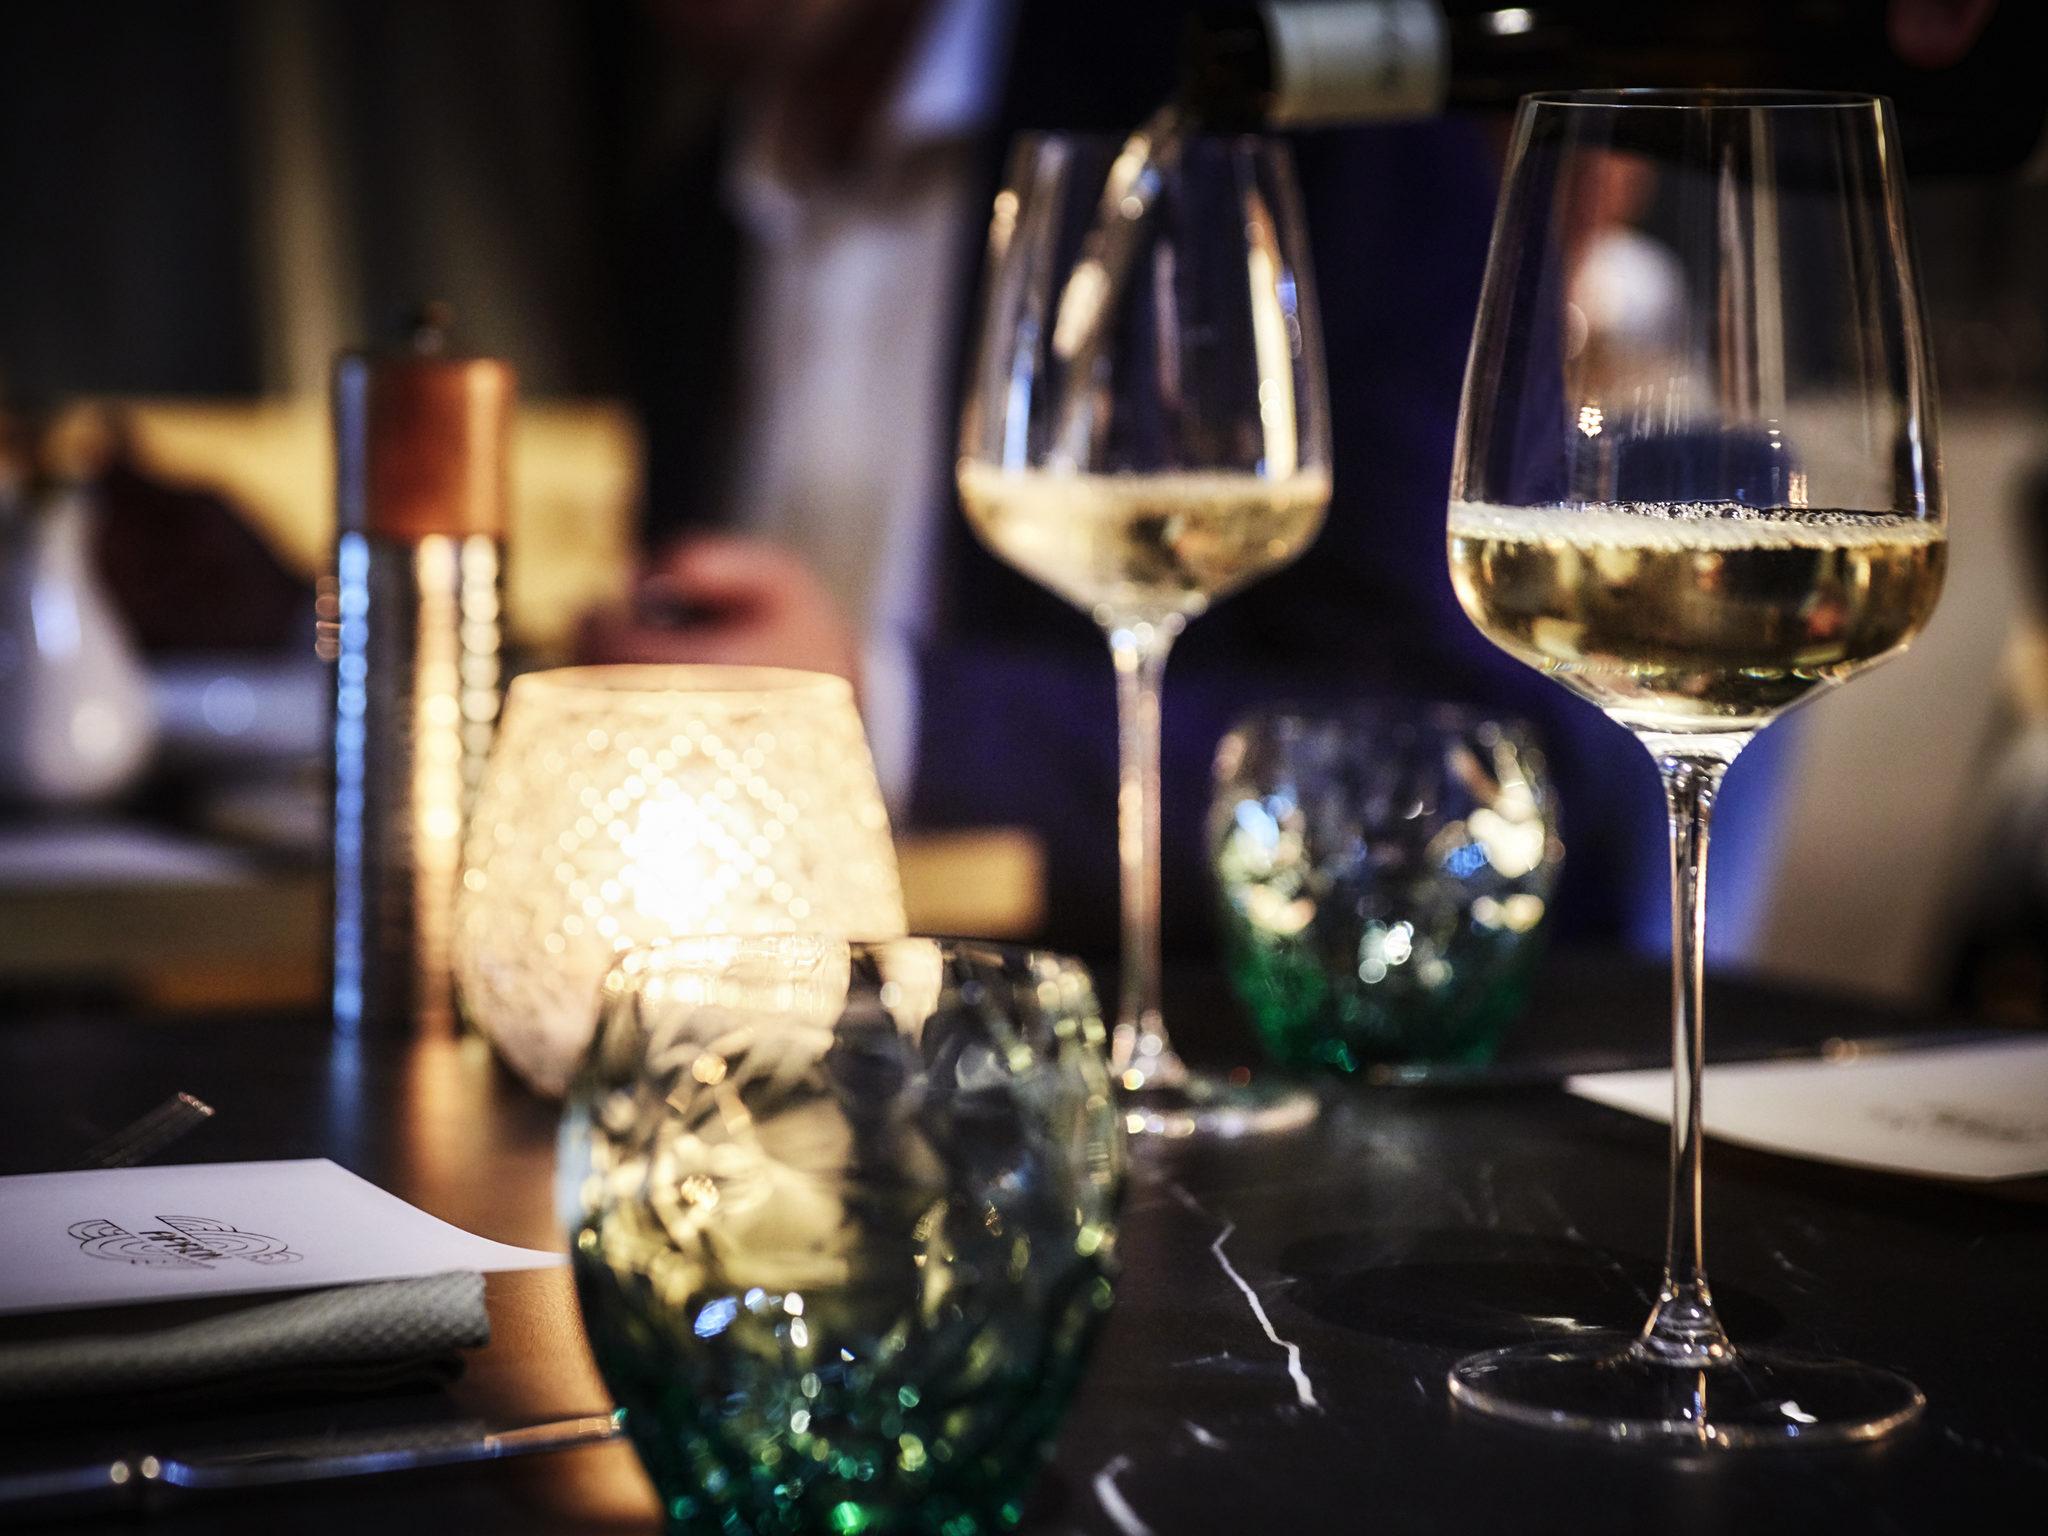 Hotel am konzerthaus boutique hotel vienna accor for Boutique hotel vienna